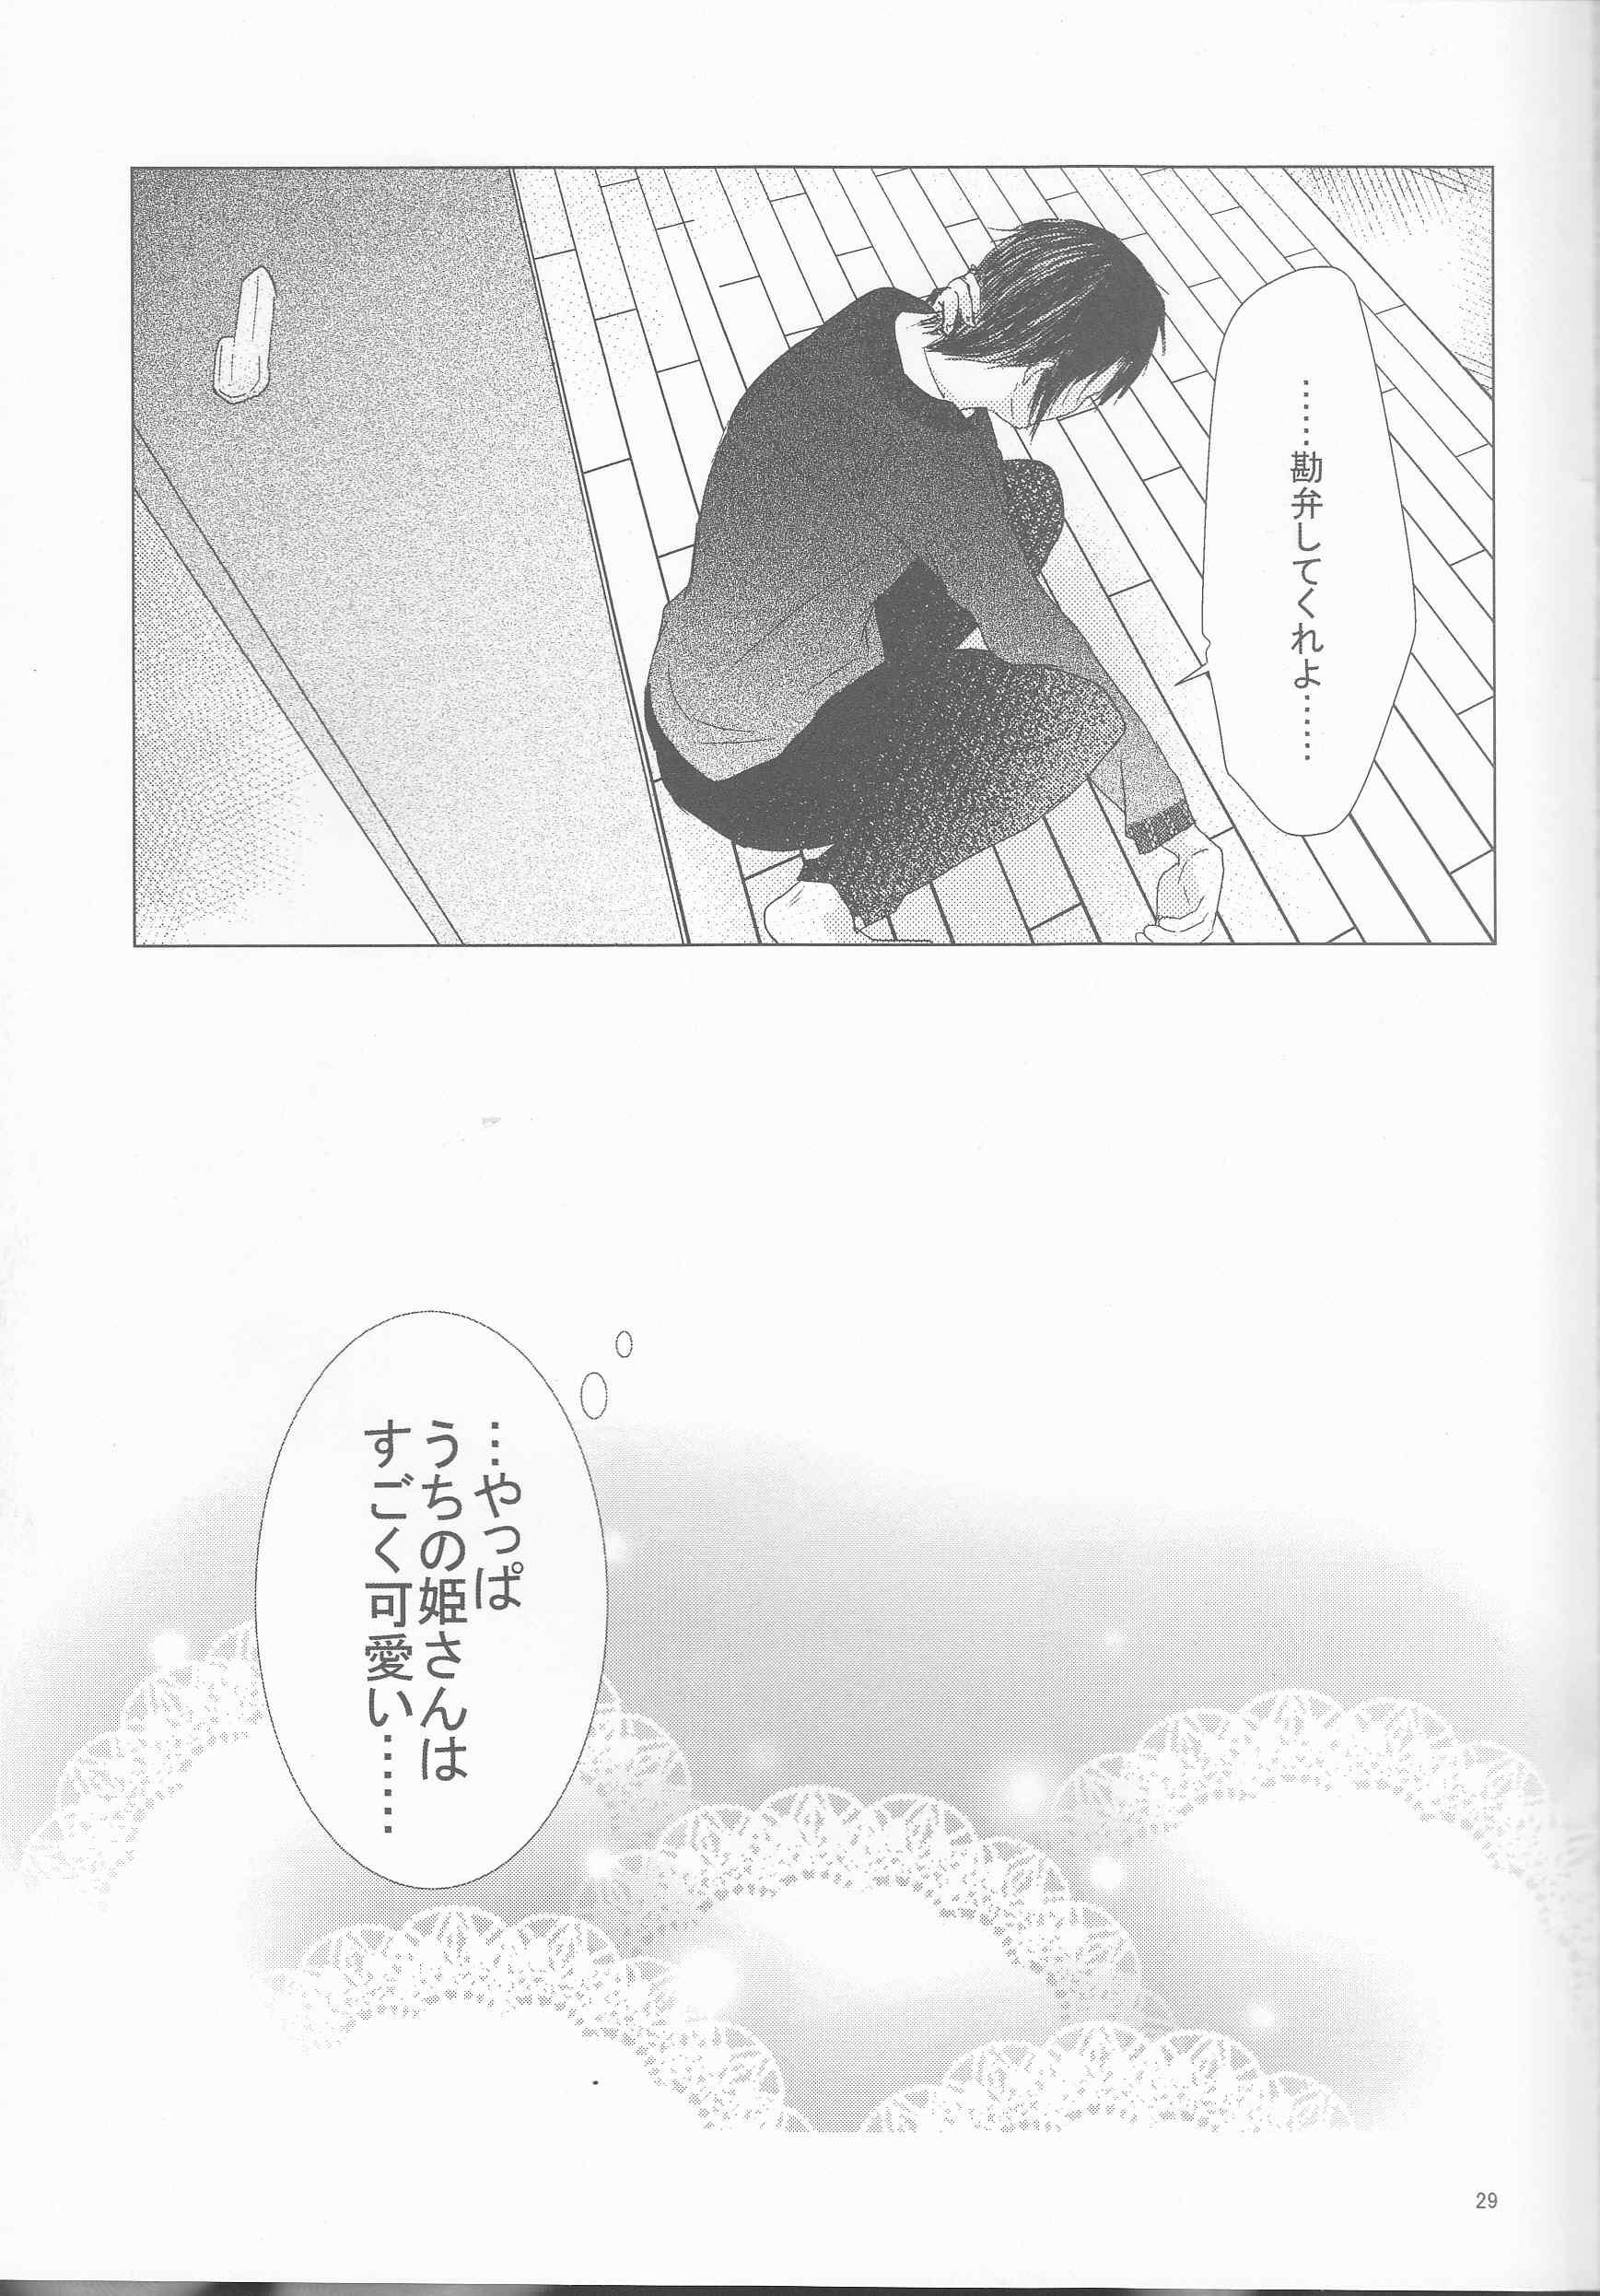 教えて STUDY (暁のヨナ) (29)